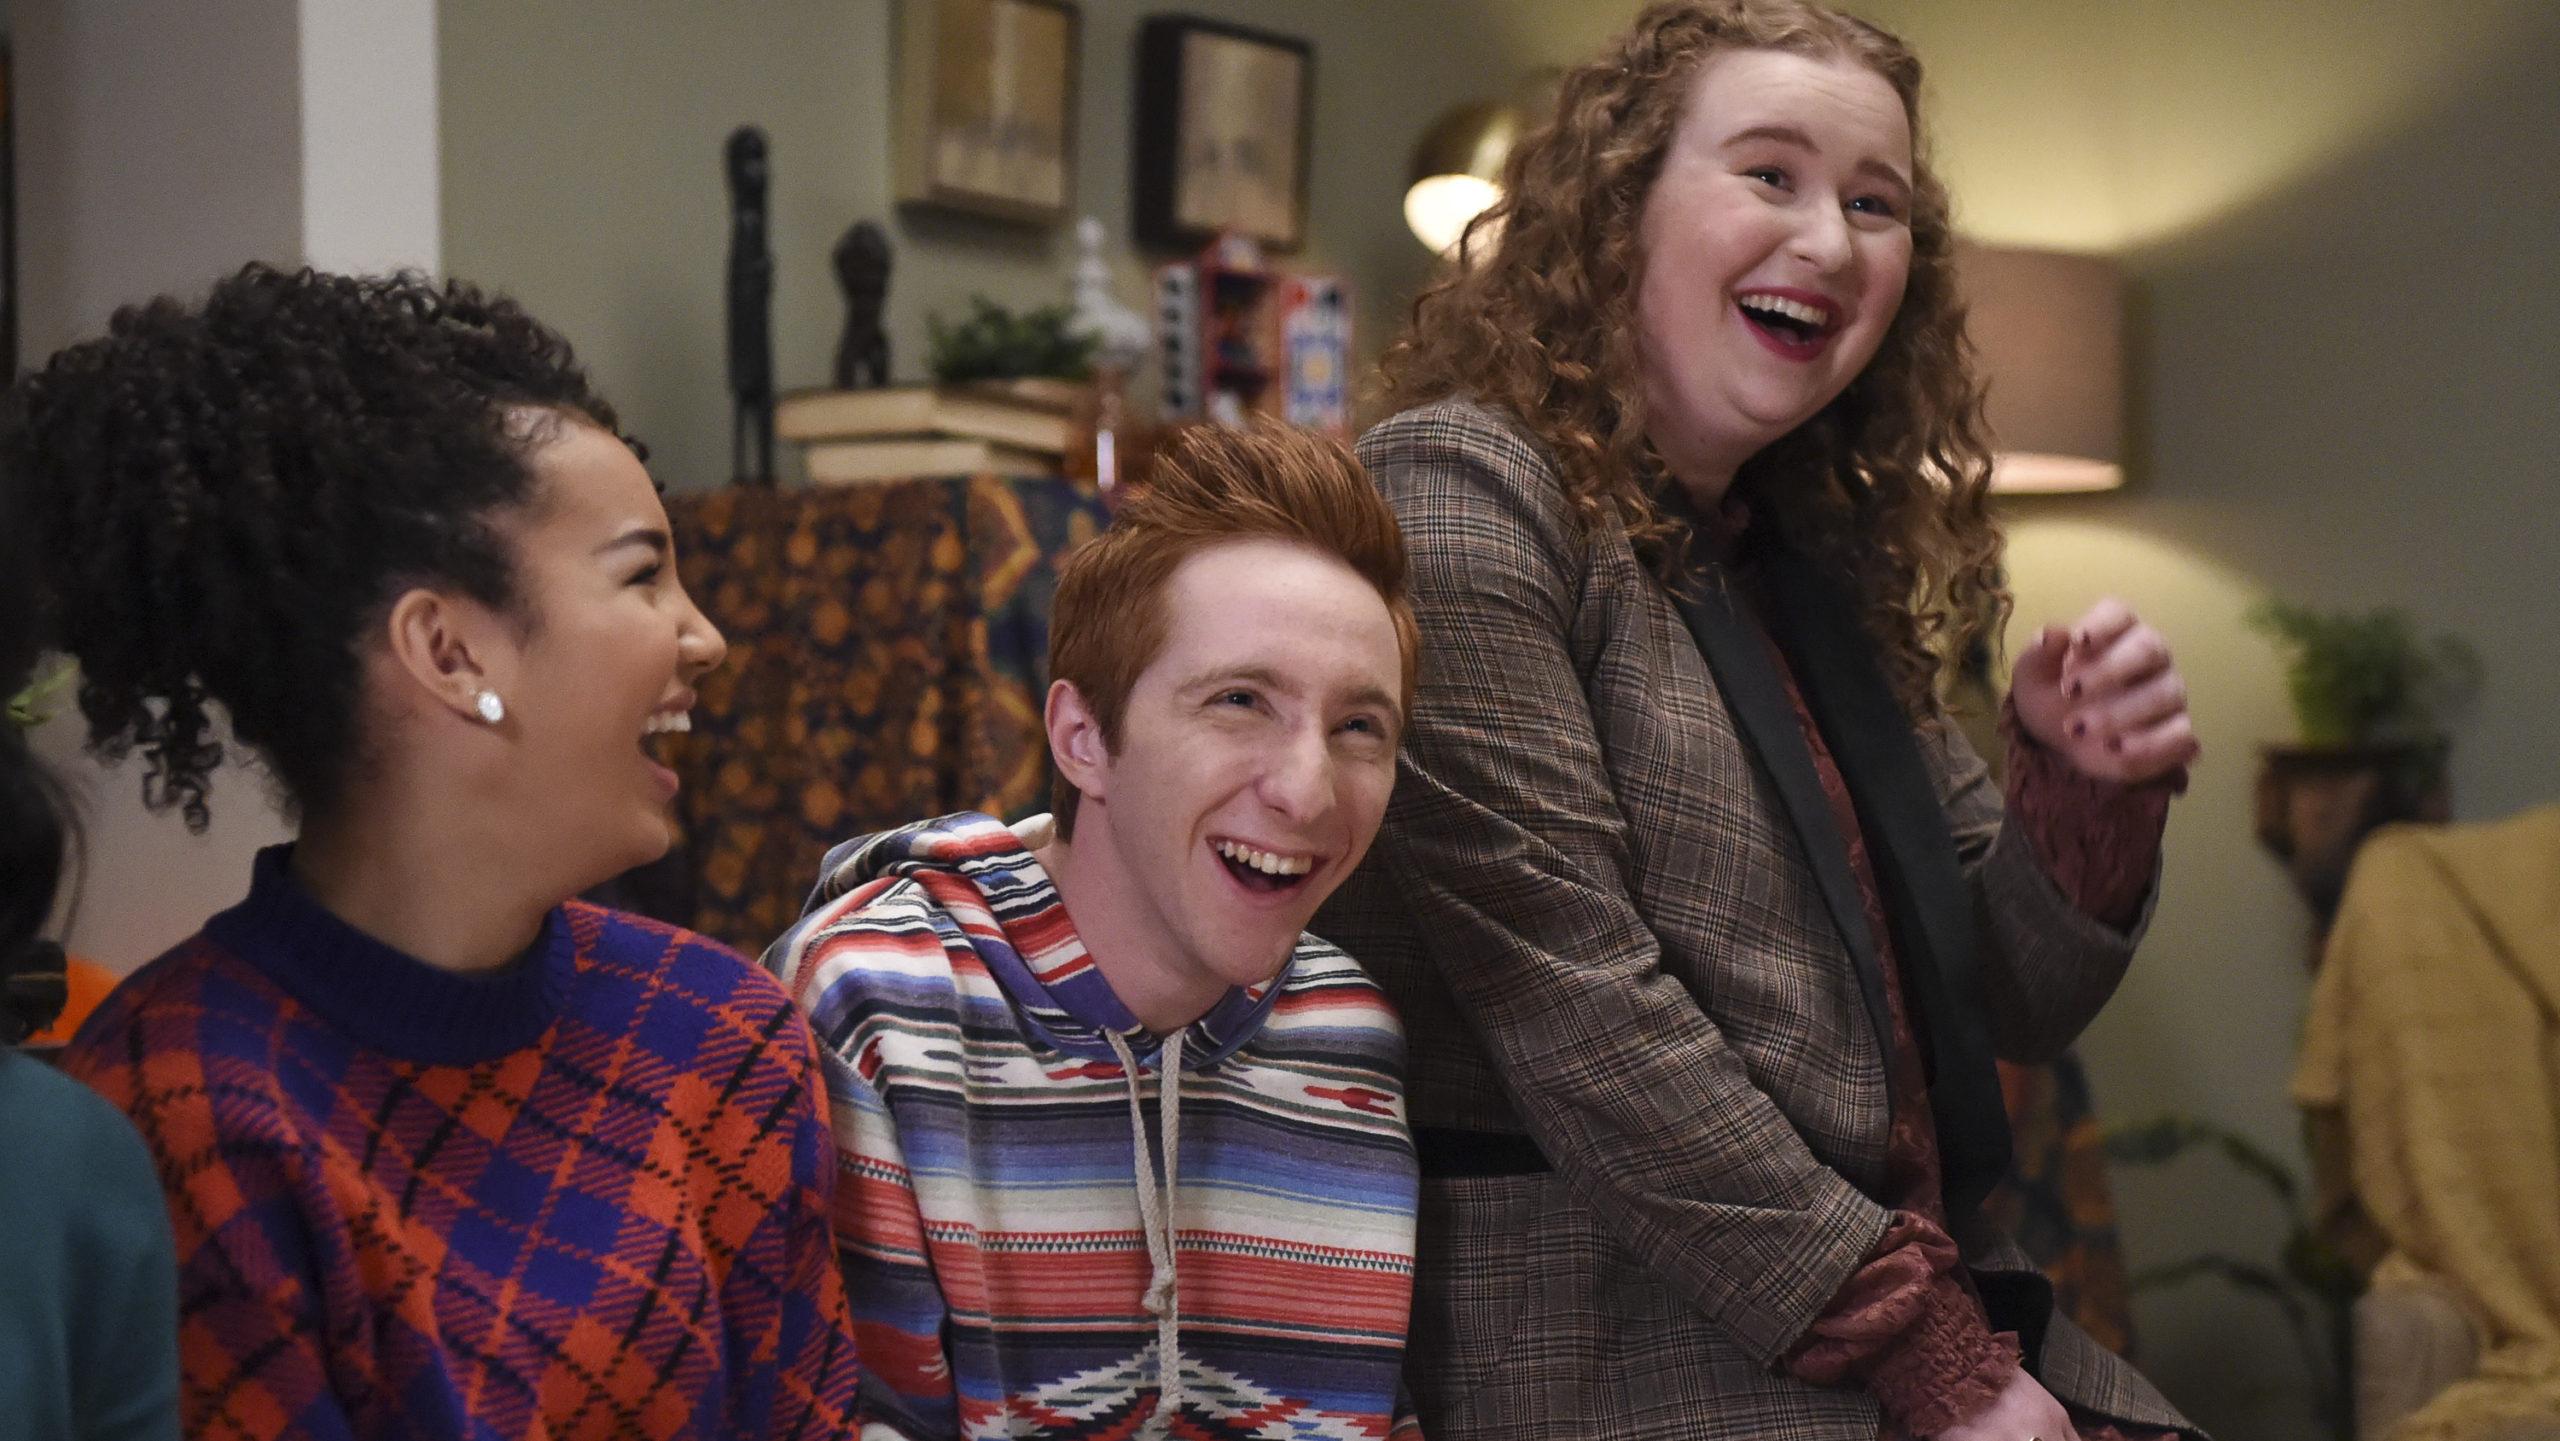 Cena da série High School Musical: The Musical: The Series. Vemos 3 personagens sentados no sofá e rindo. À esquerda está Gina, uma jovem negra e de cabelo enrolado, ela veste um suéter azul e laranja. Ao meio está Big Red, um jovem branco e ruivo de topete, ele usa uma jaqueta listrada branca azul e laranja. Na ponta vemos Ashlyn, uma jovem branca, de cabelos encaracolados e gorda. Ela veste uma jaqueta escura e tem cabelos ruivos.